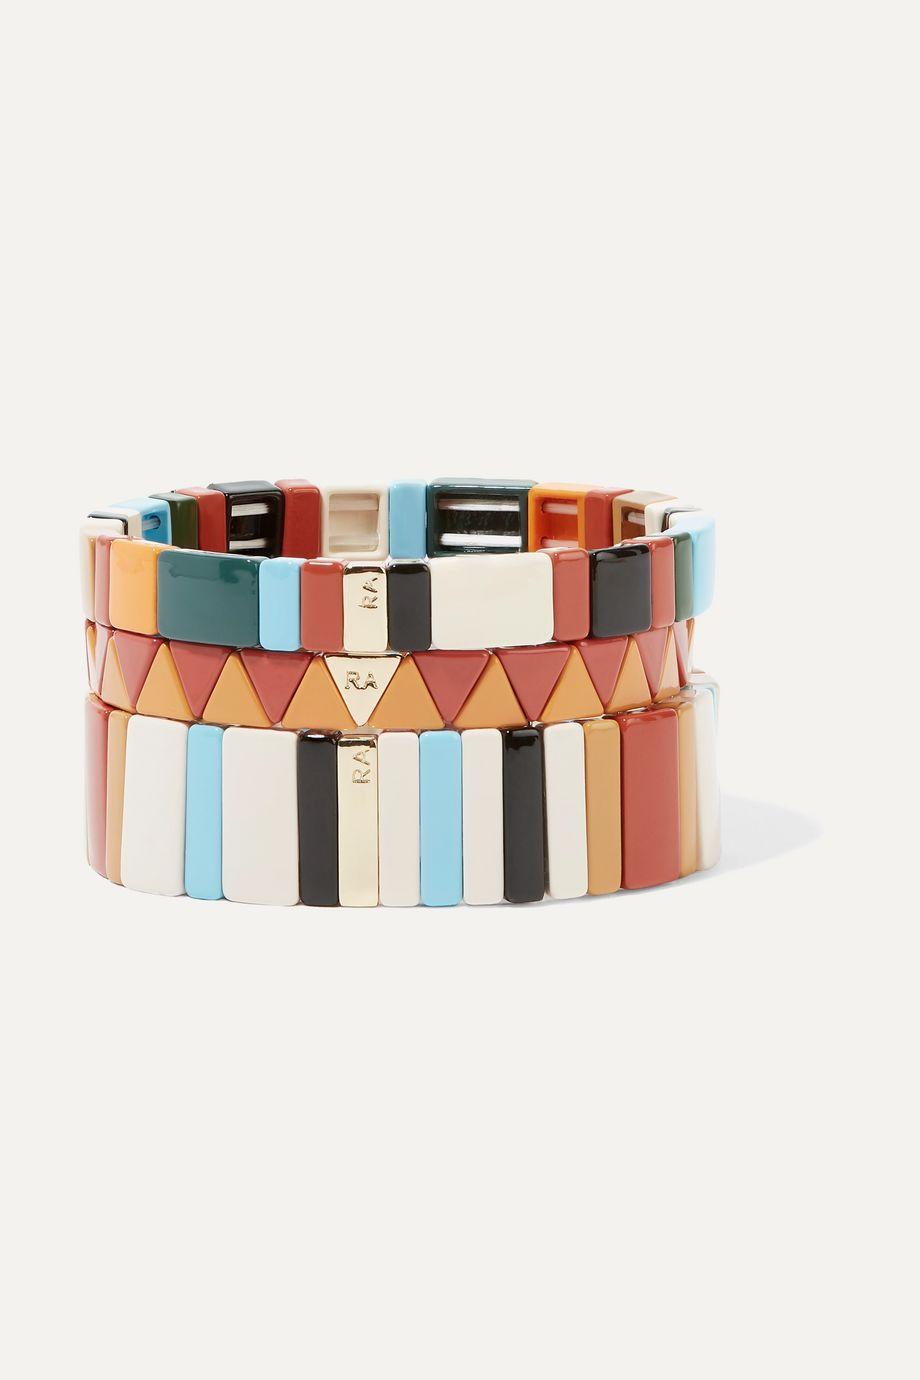 록산느 애슐린 팔찌 Roxanne Assoulin Canyon set of three enamel bracelets,Orange